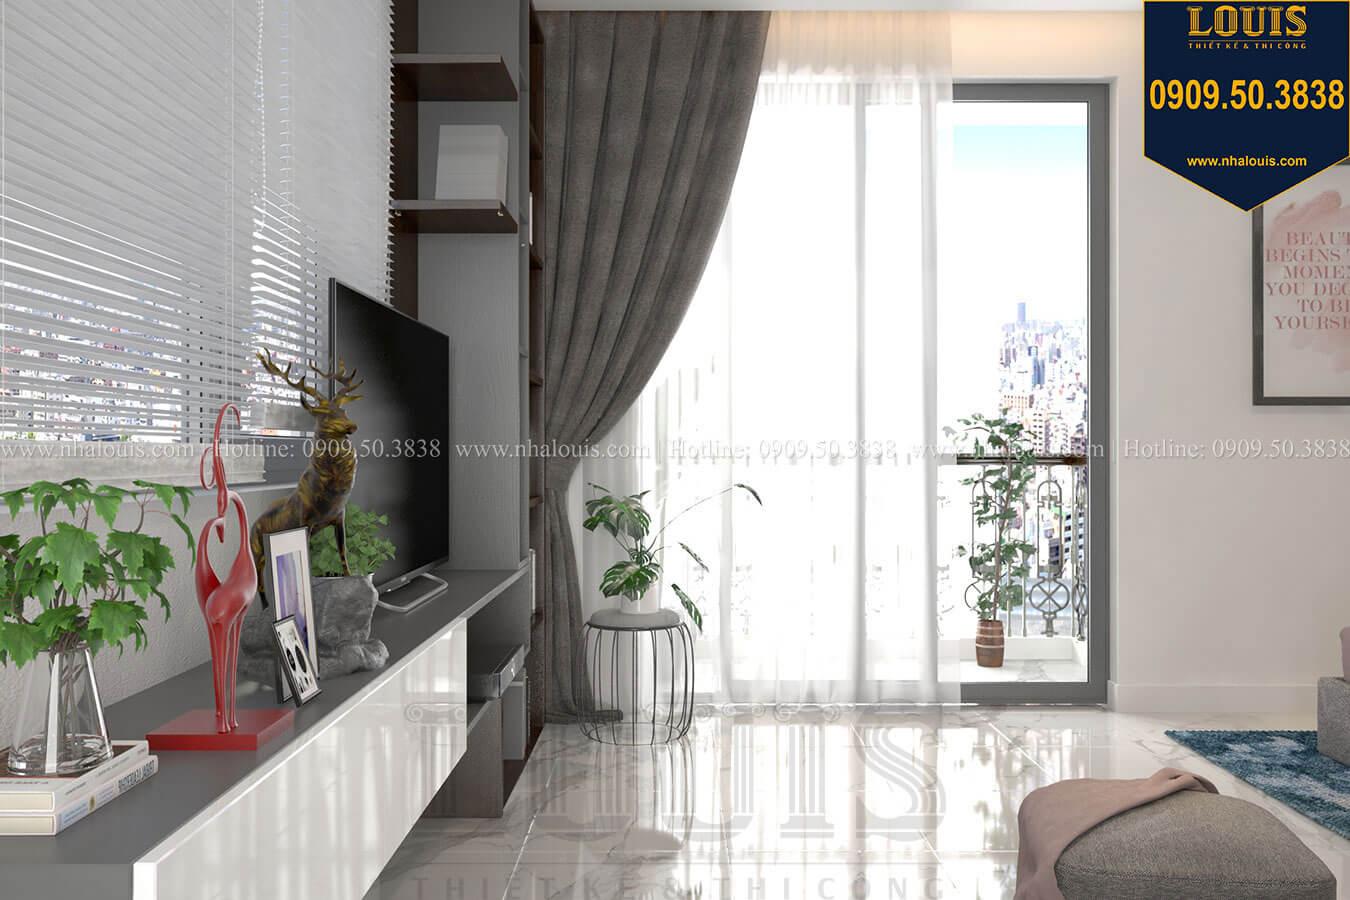 Phòng ngủ Thiết kế biệt thự 3 tầng hiện đại mặt tiền 10m tại Cần Thơ - 20